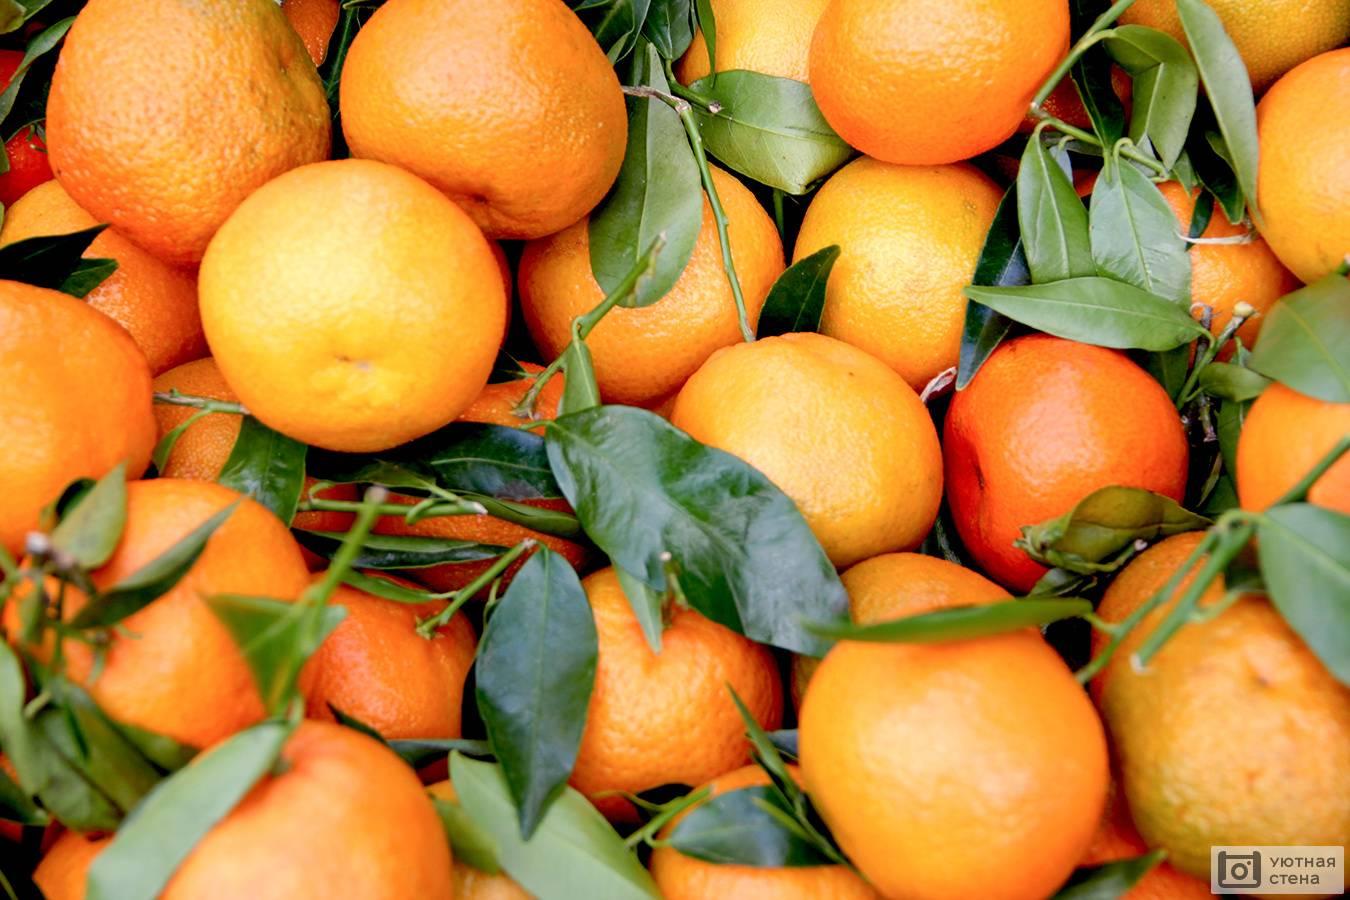 Когда созревают мандарины в марокко. марокканские мандарины. что же это за фрукт